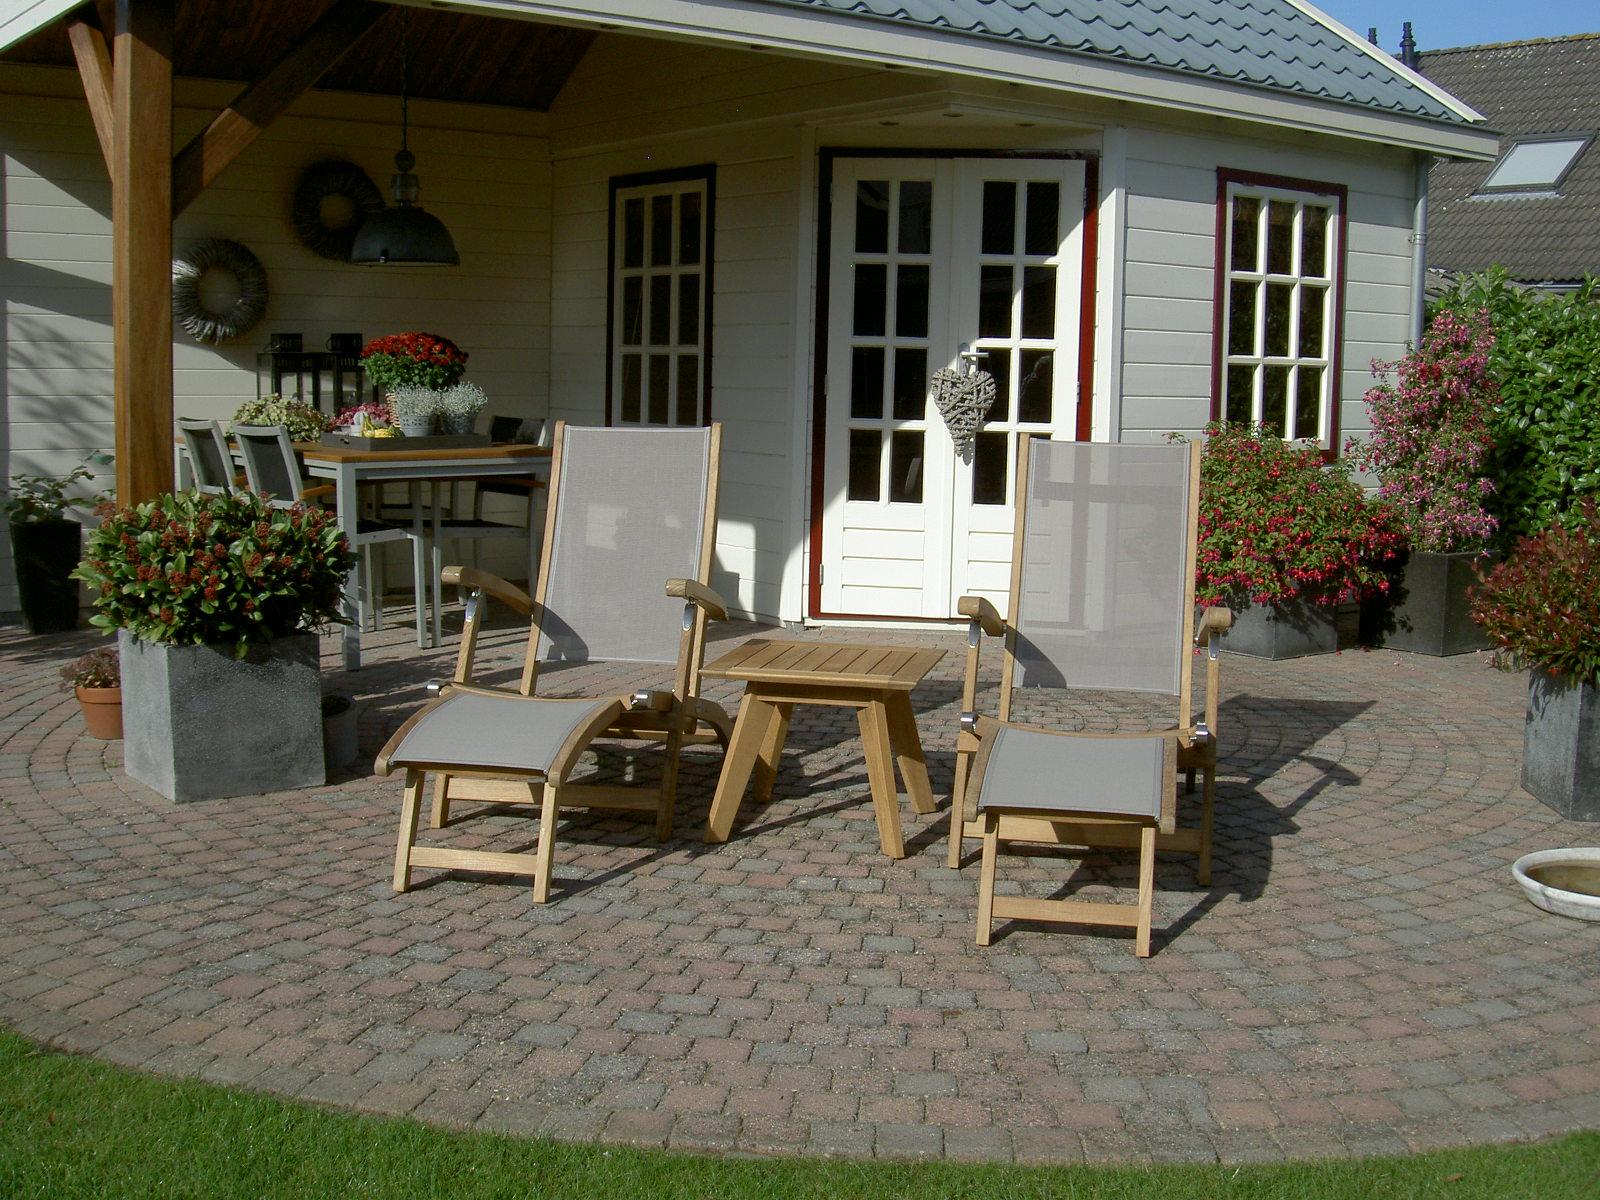 ligstoelen van teakhout, met weerbestendig textileen stof en roestvrij staal beslag.